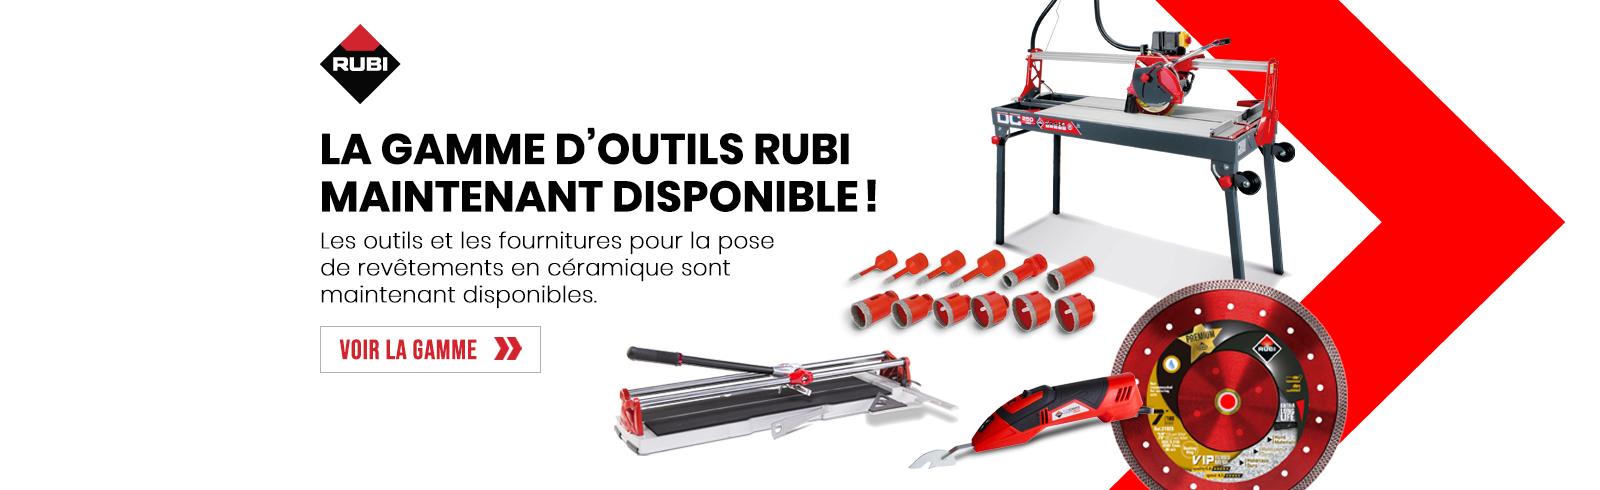 Nouveaux produits RUBI